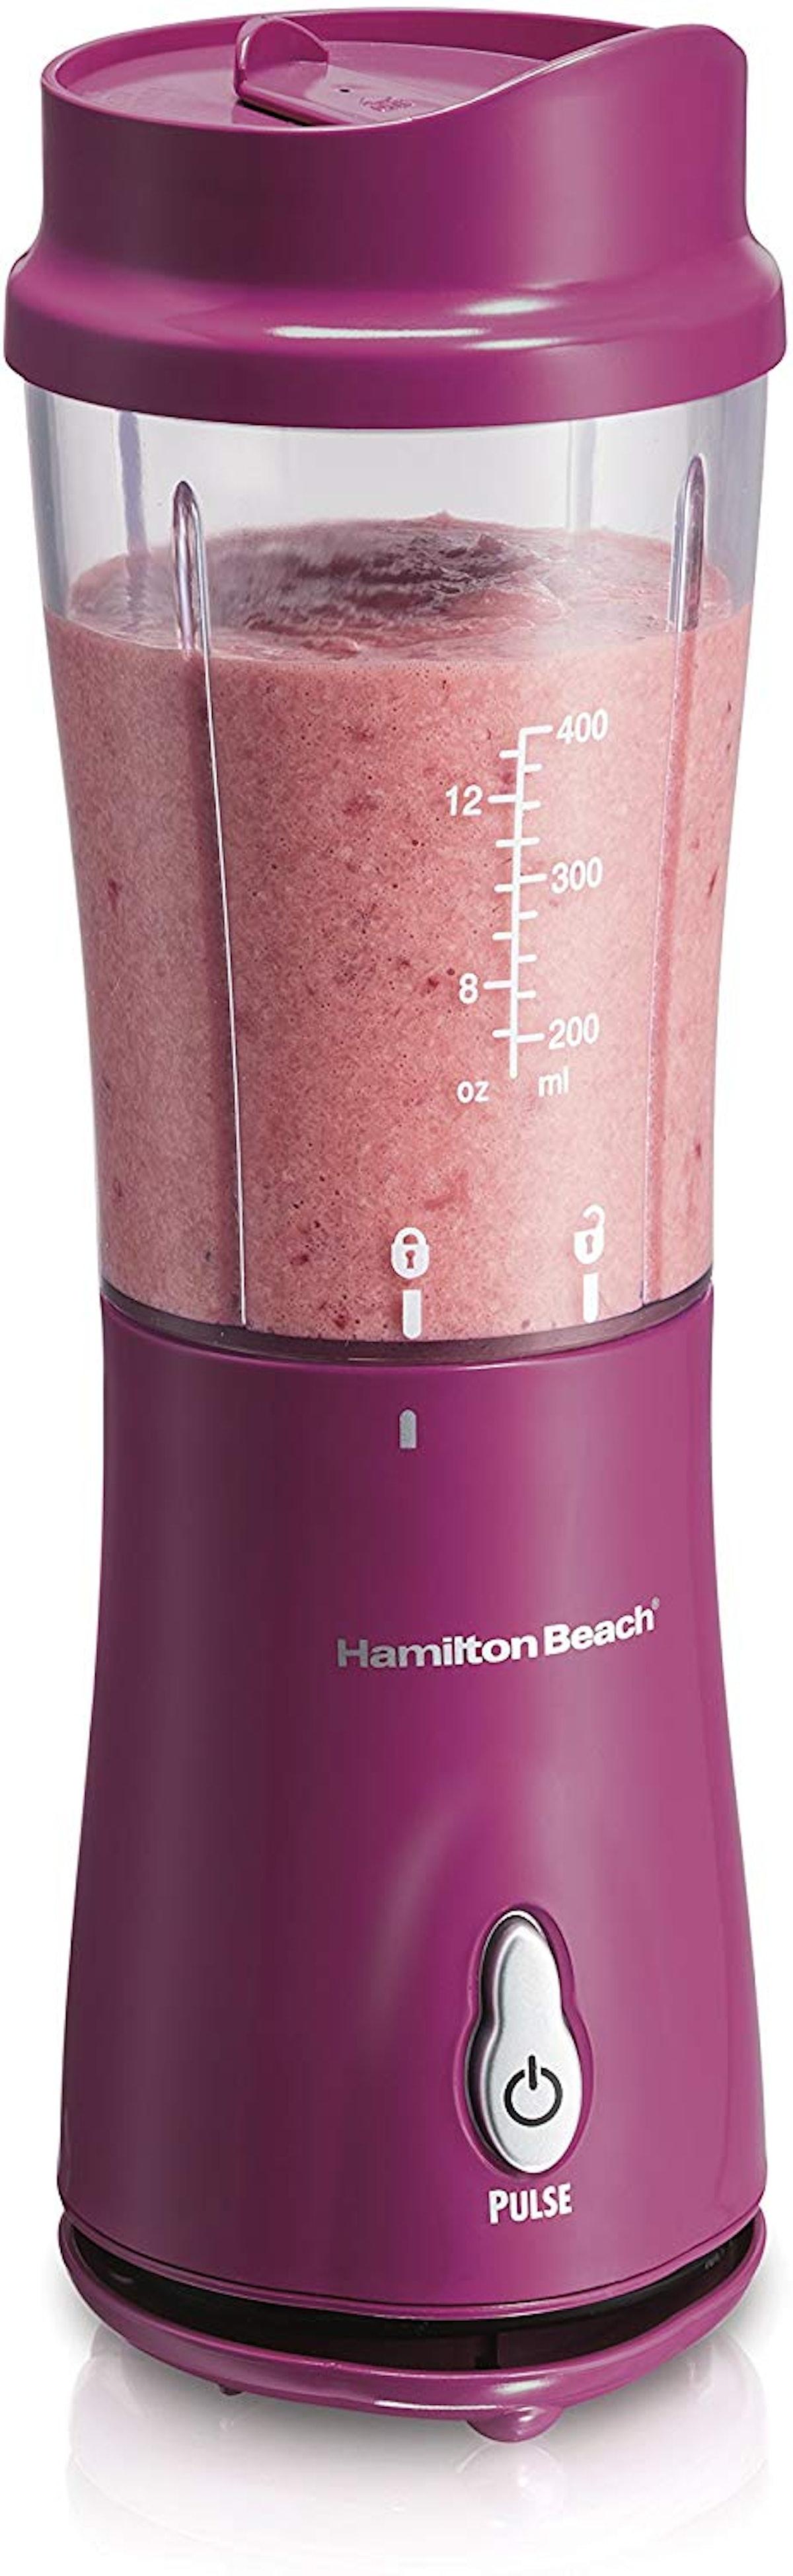 Hamilton Beach Personal Blender